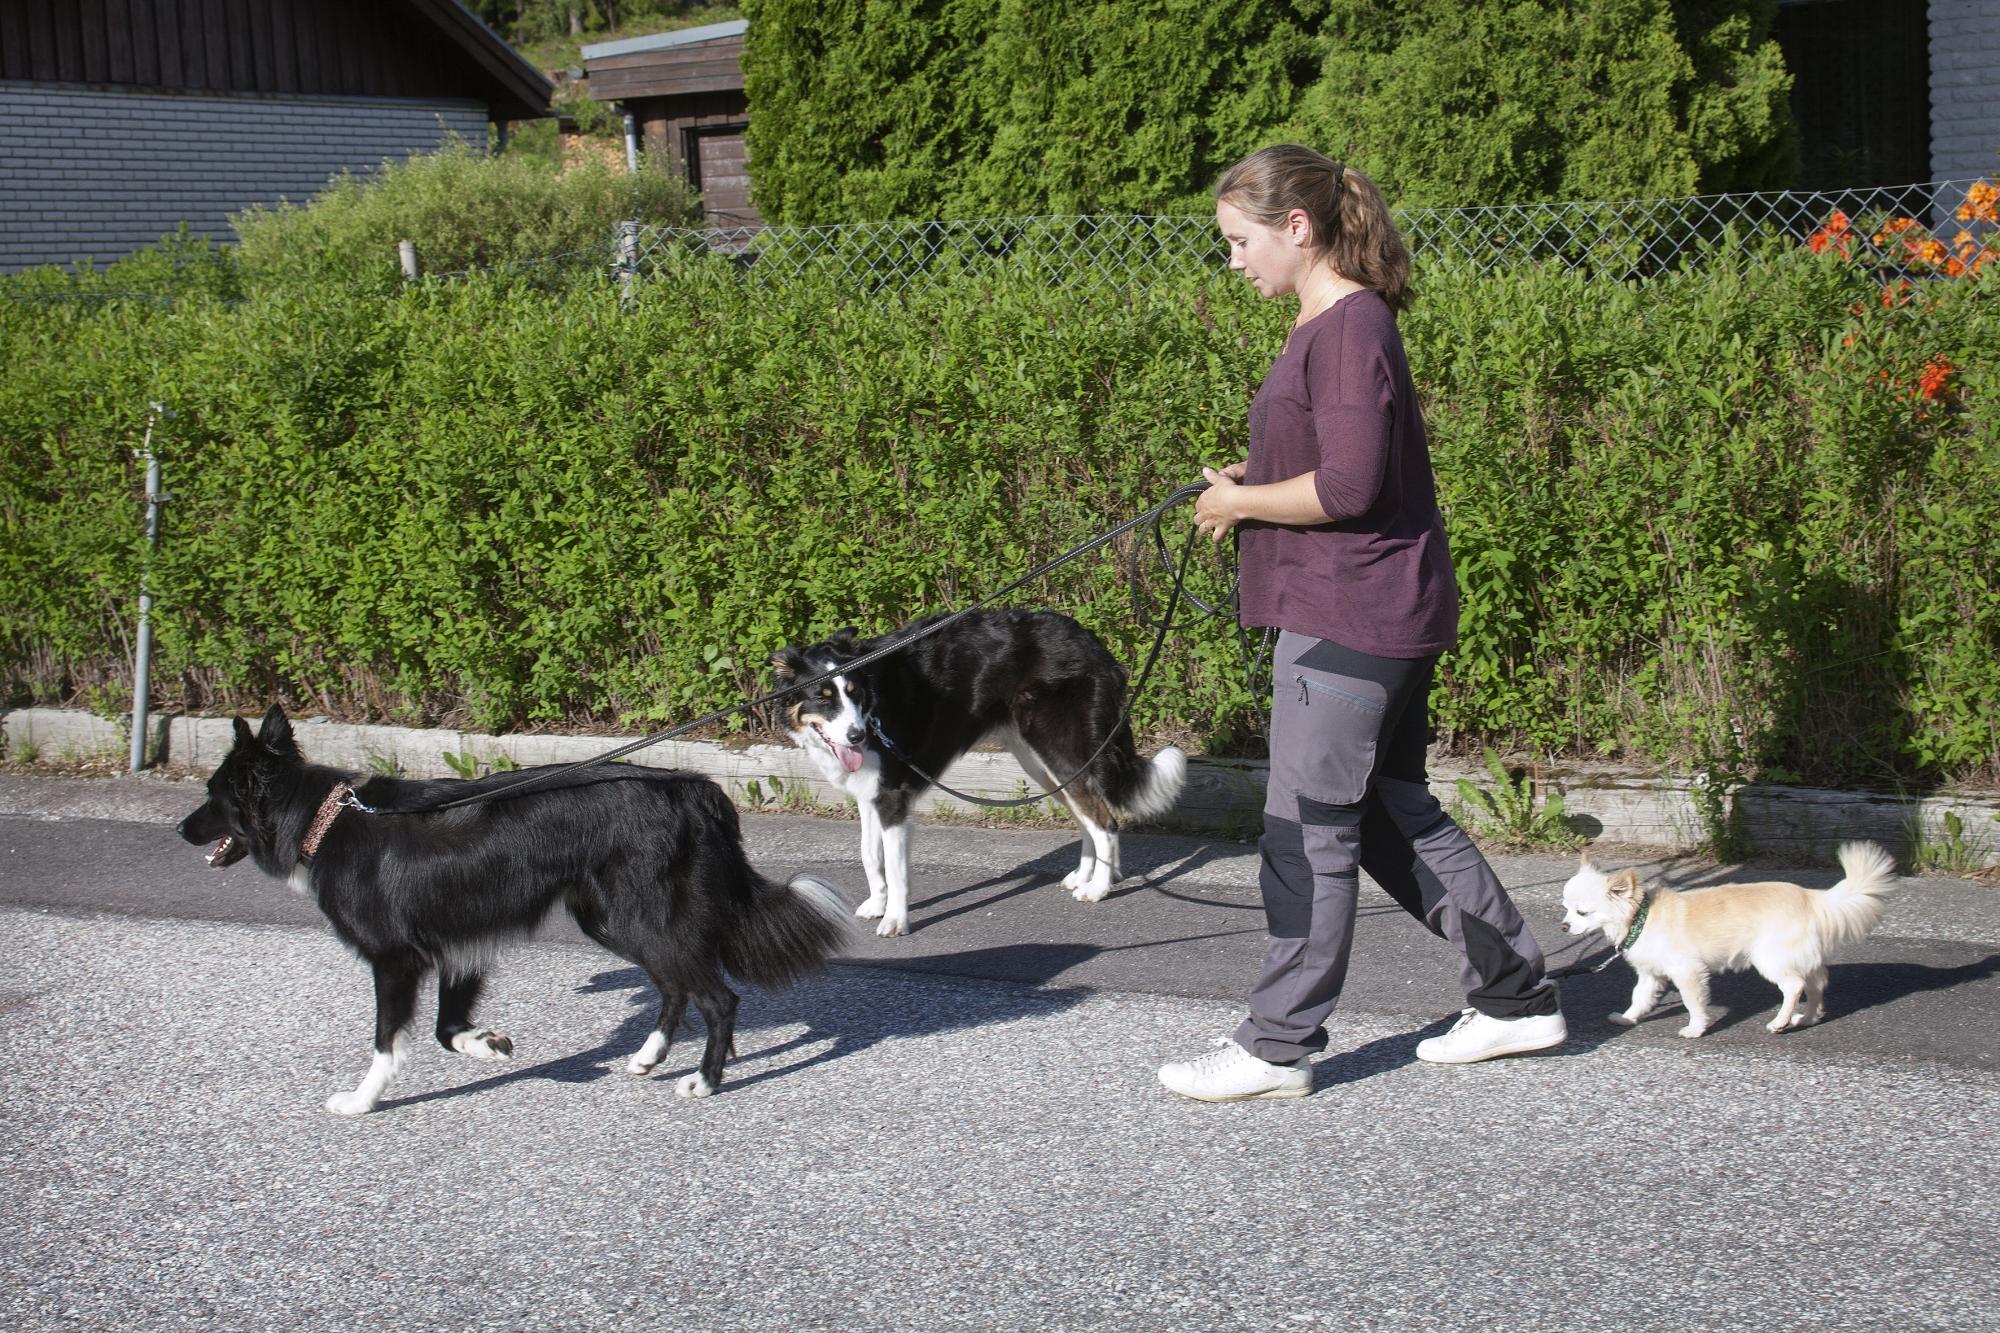 Isabelles hundar känner sig trängda då de tvingas till kopplade hundmöten. I skinnskatteberg behöver de inte utsättas för detta lika ofta och hundarna mår därmed mycket bättre.